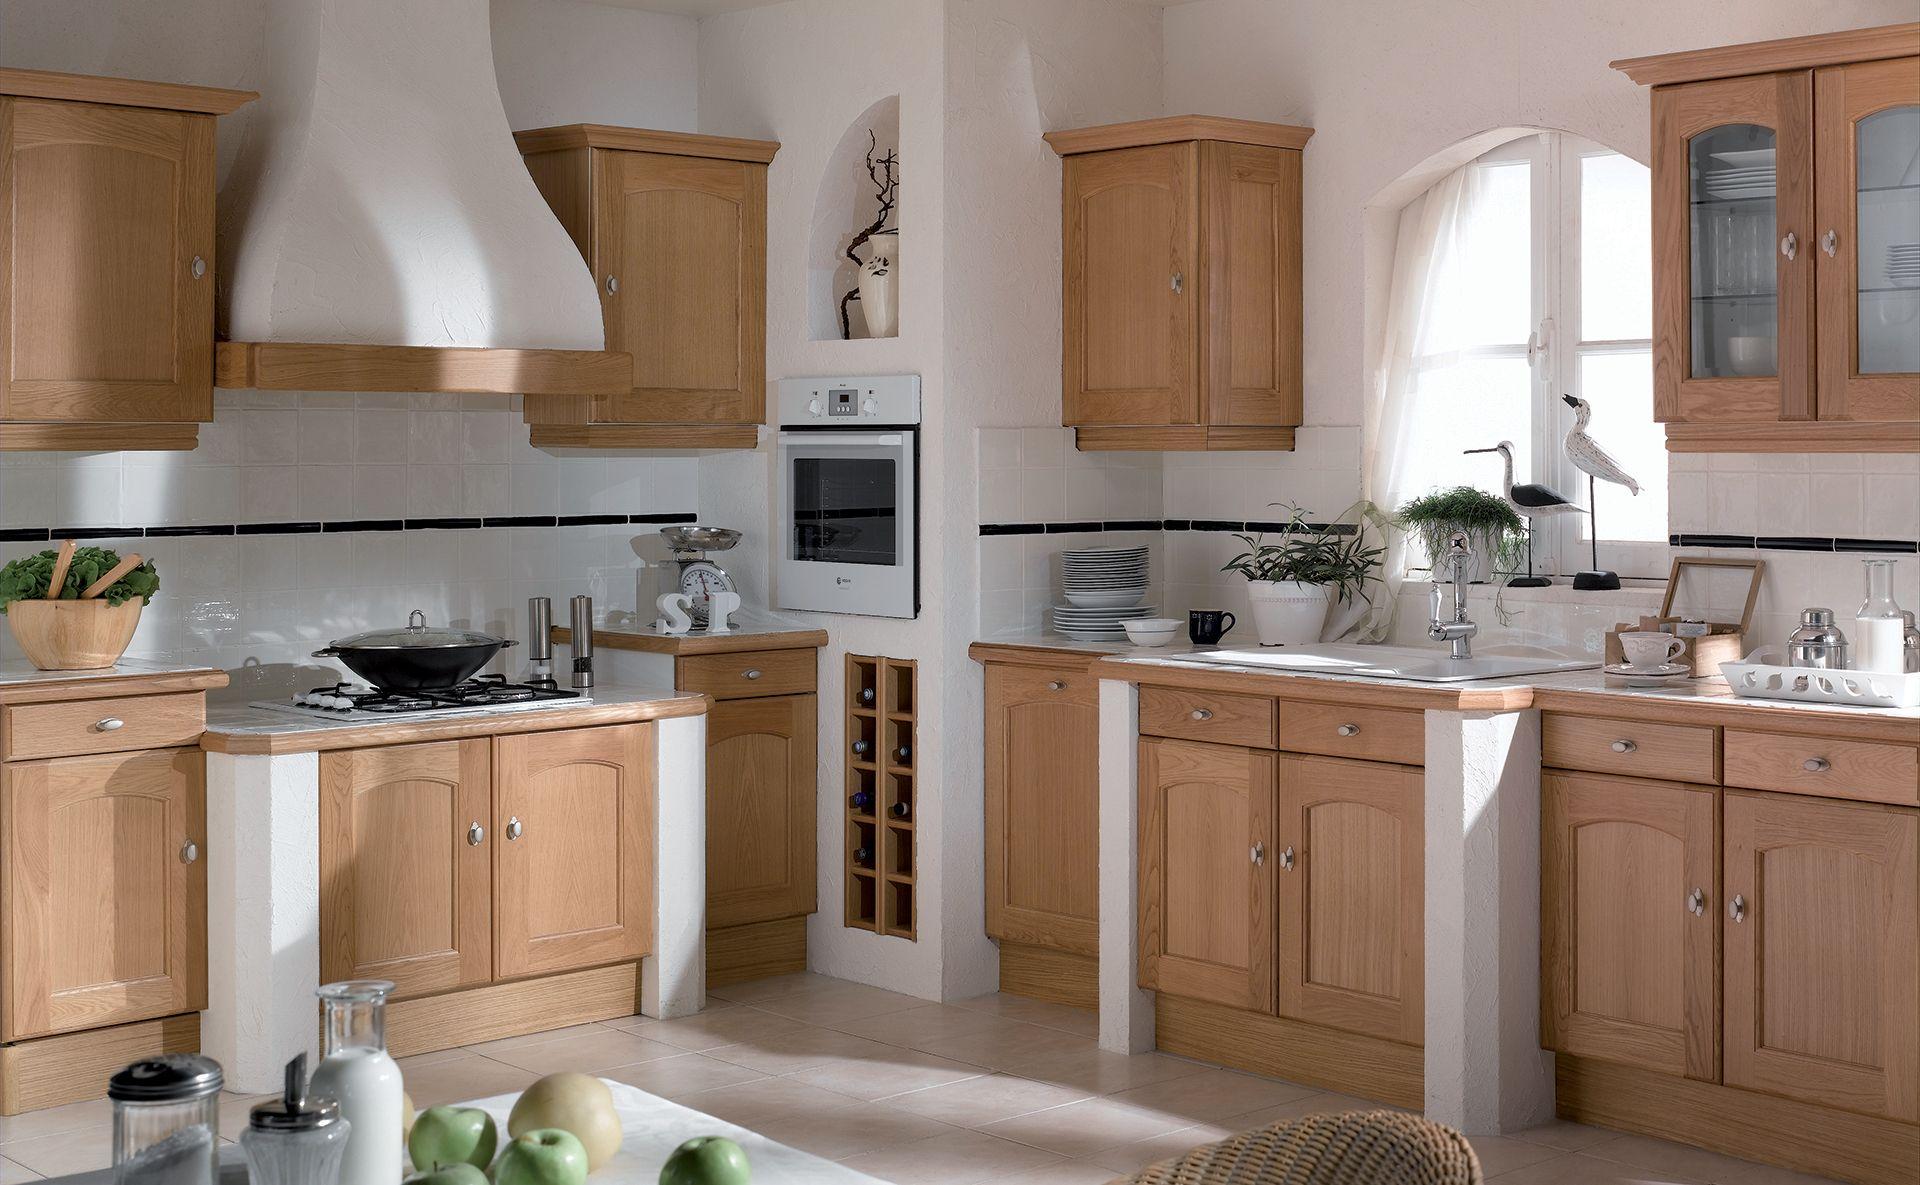 cuisine auvergne cuisine de renom pour passionn es par cuisines teisseire. Black Bedroom Furniture Sets. Home Design Ideas